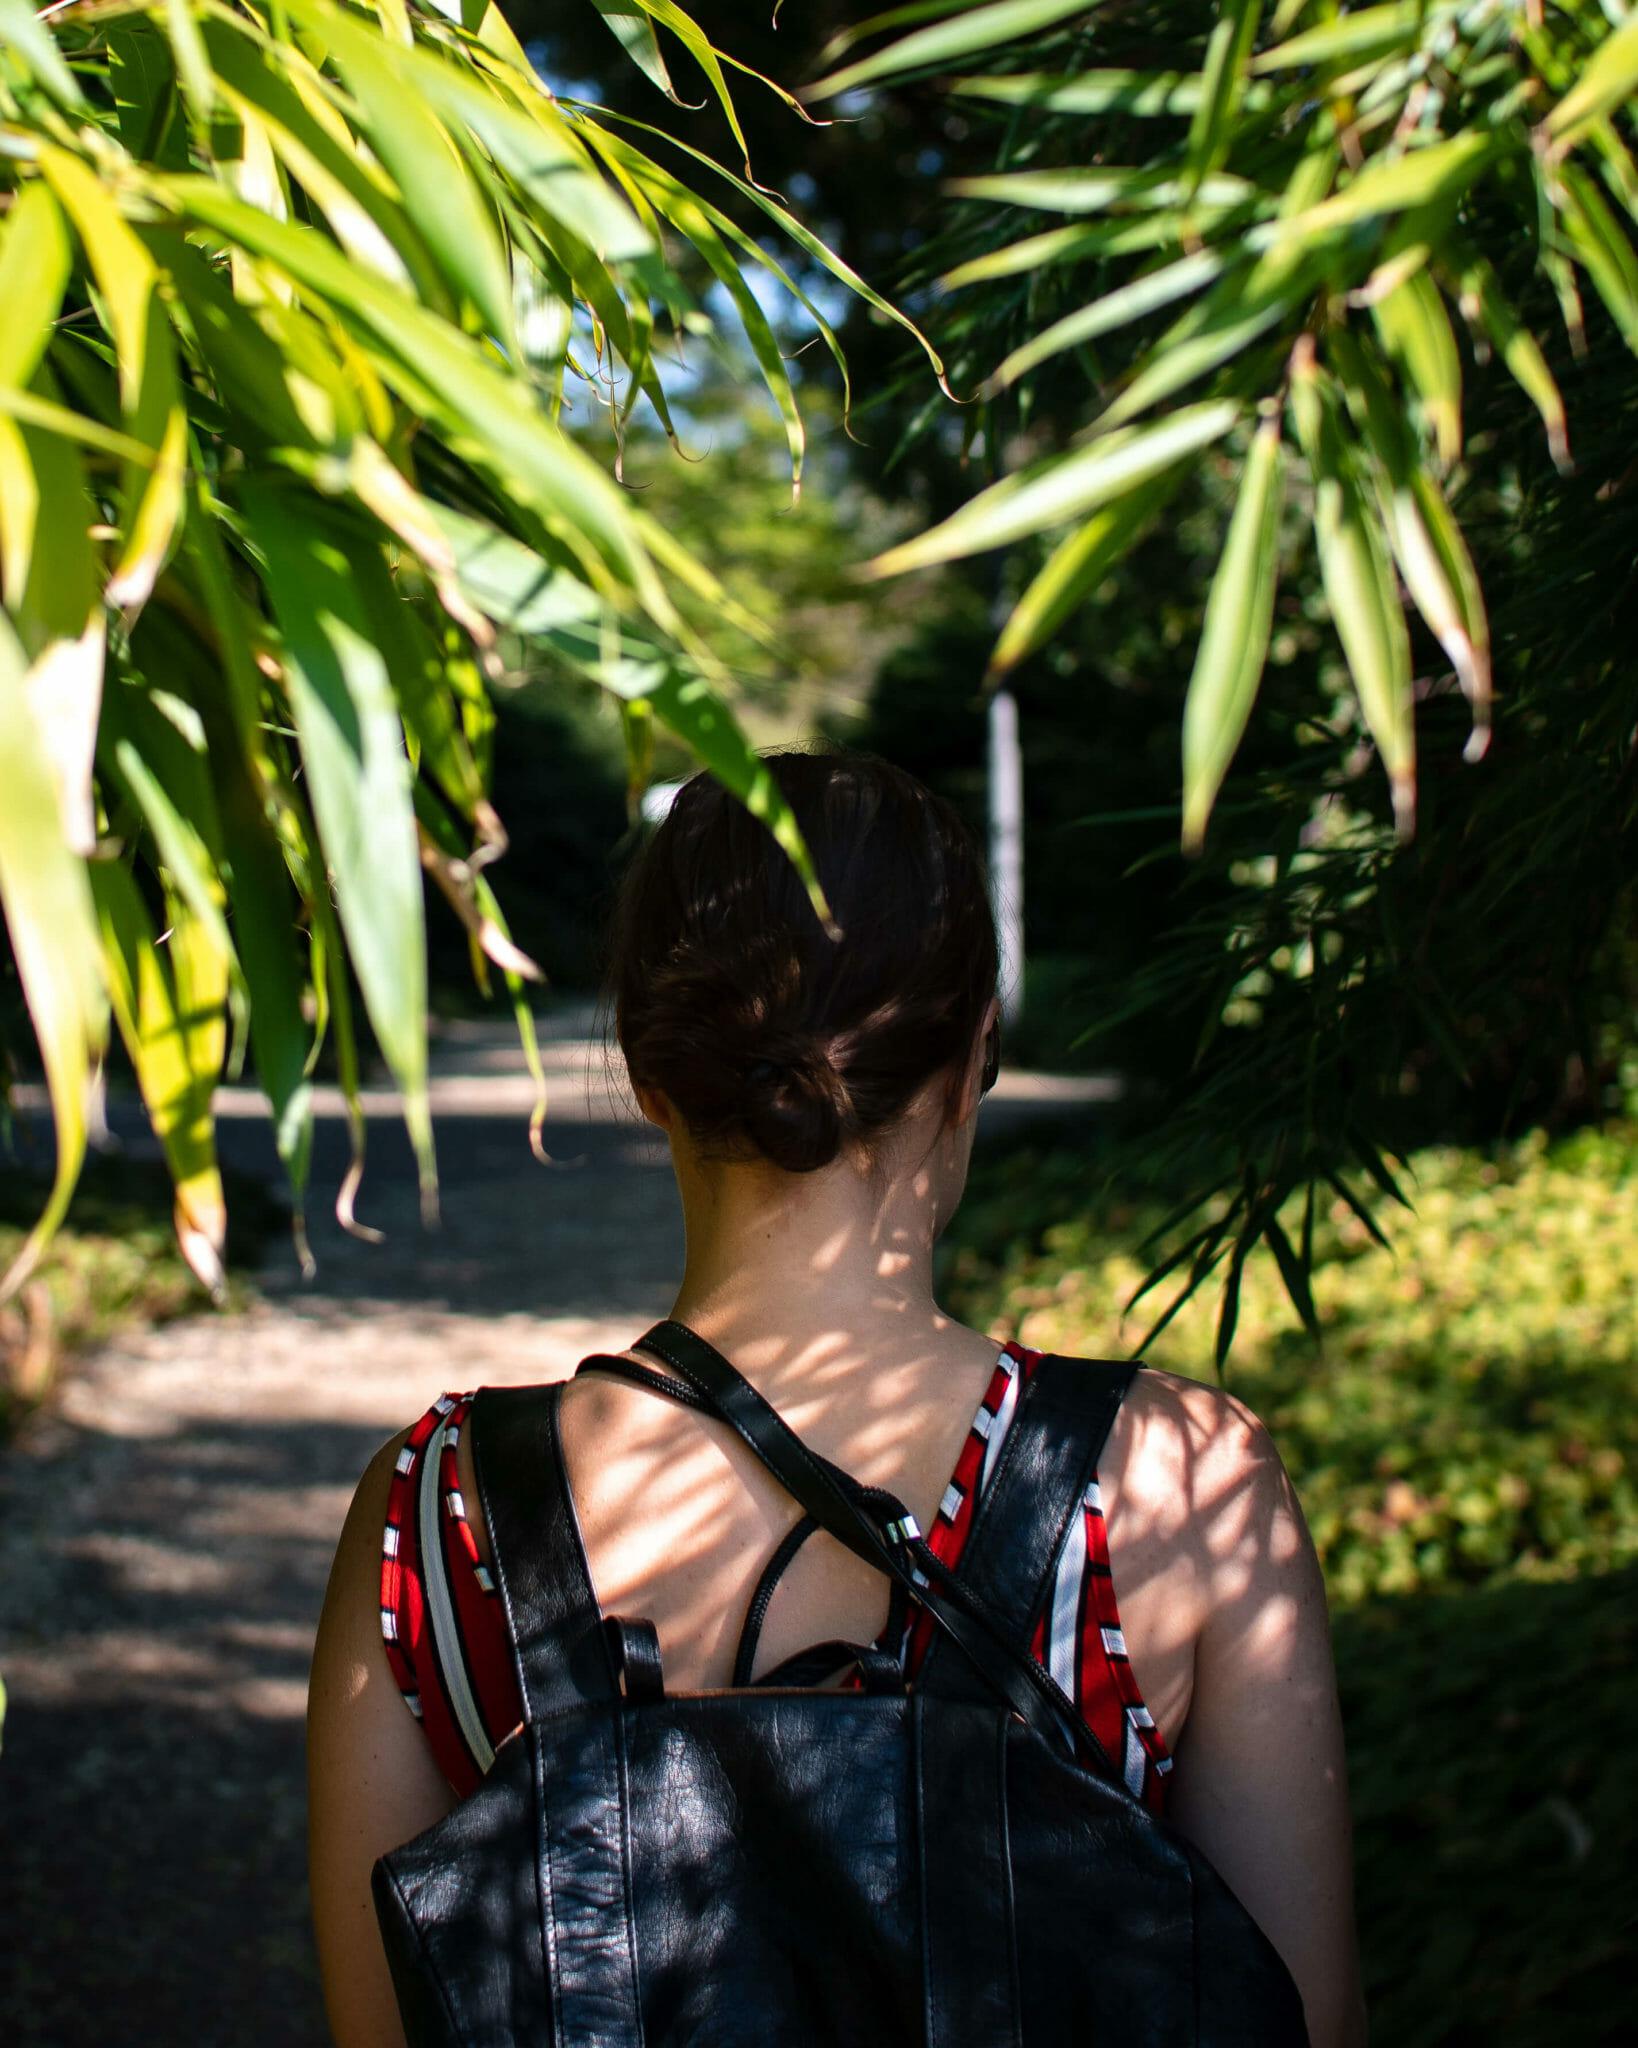 Caro von Pola lernte ich auf dem Photowalk kennen